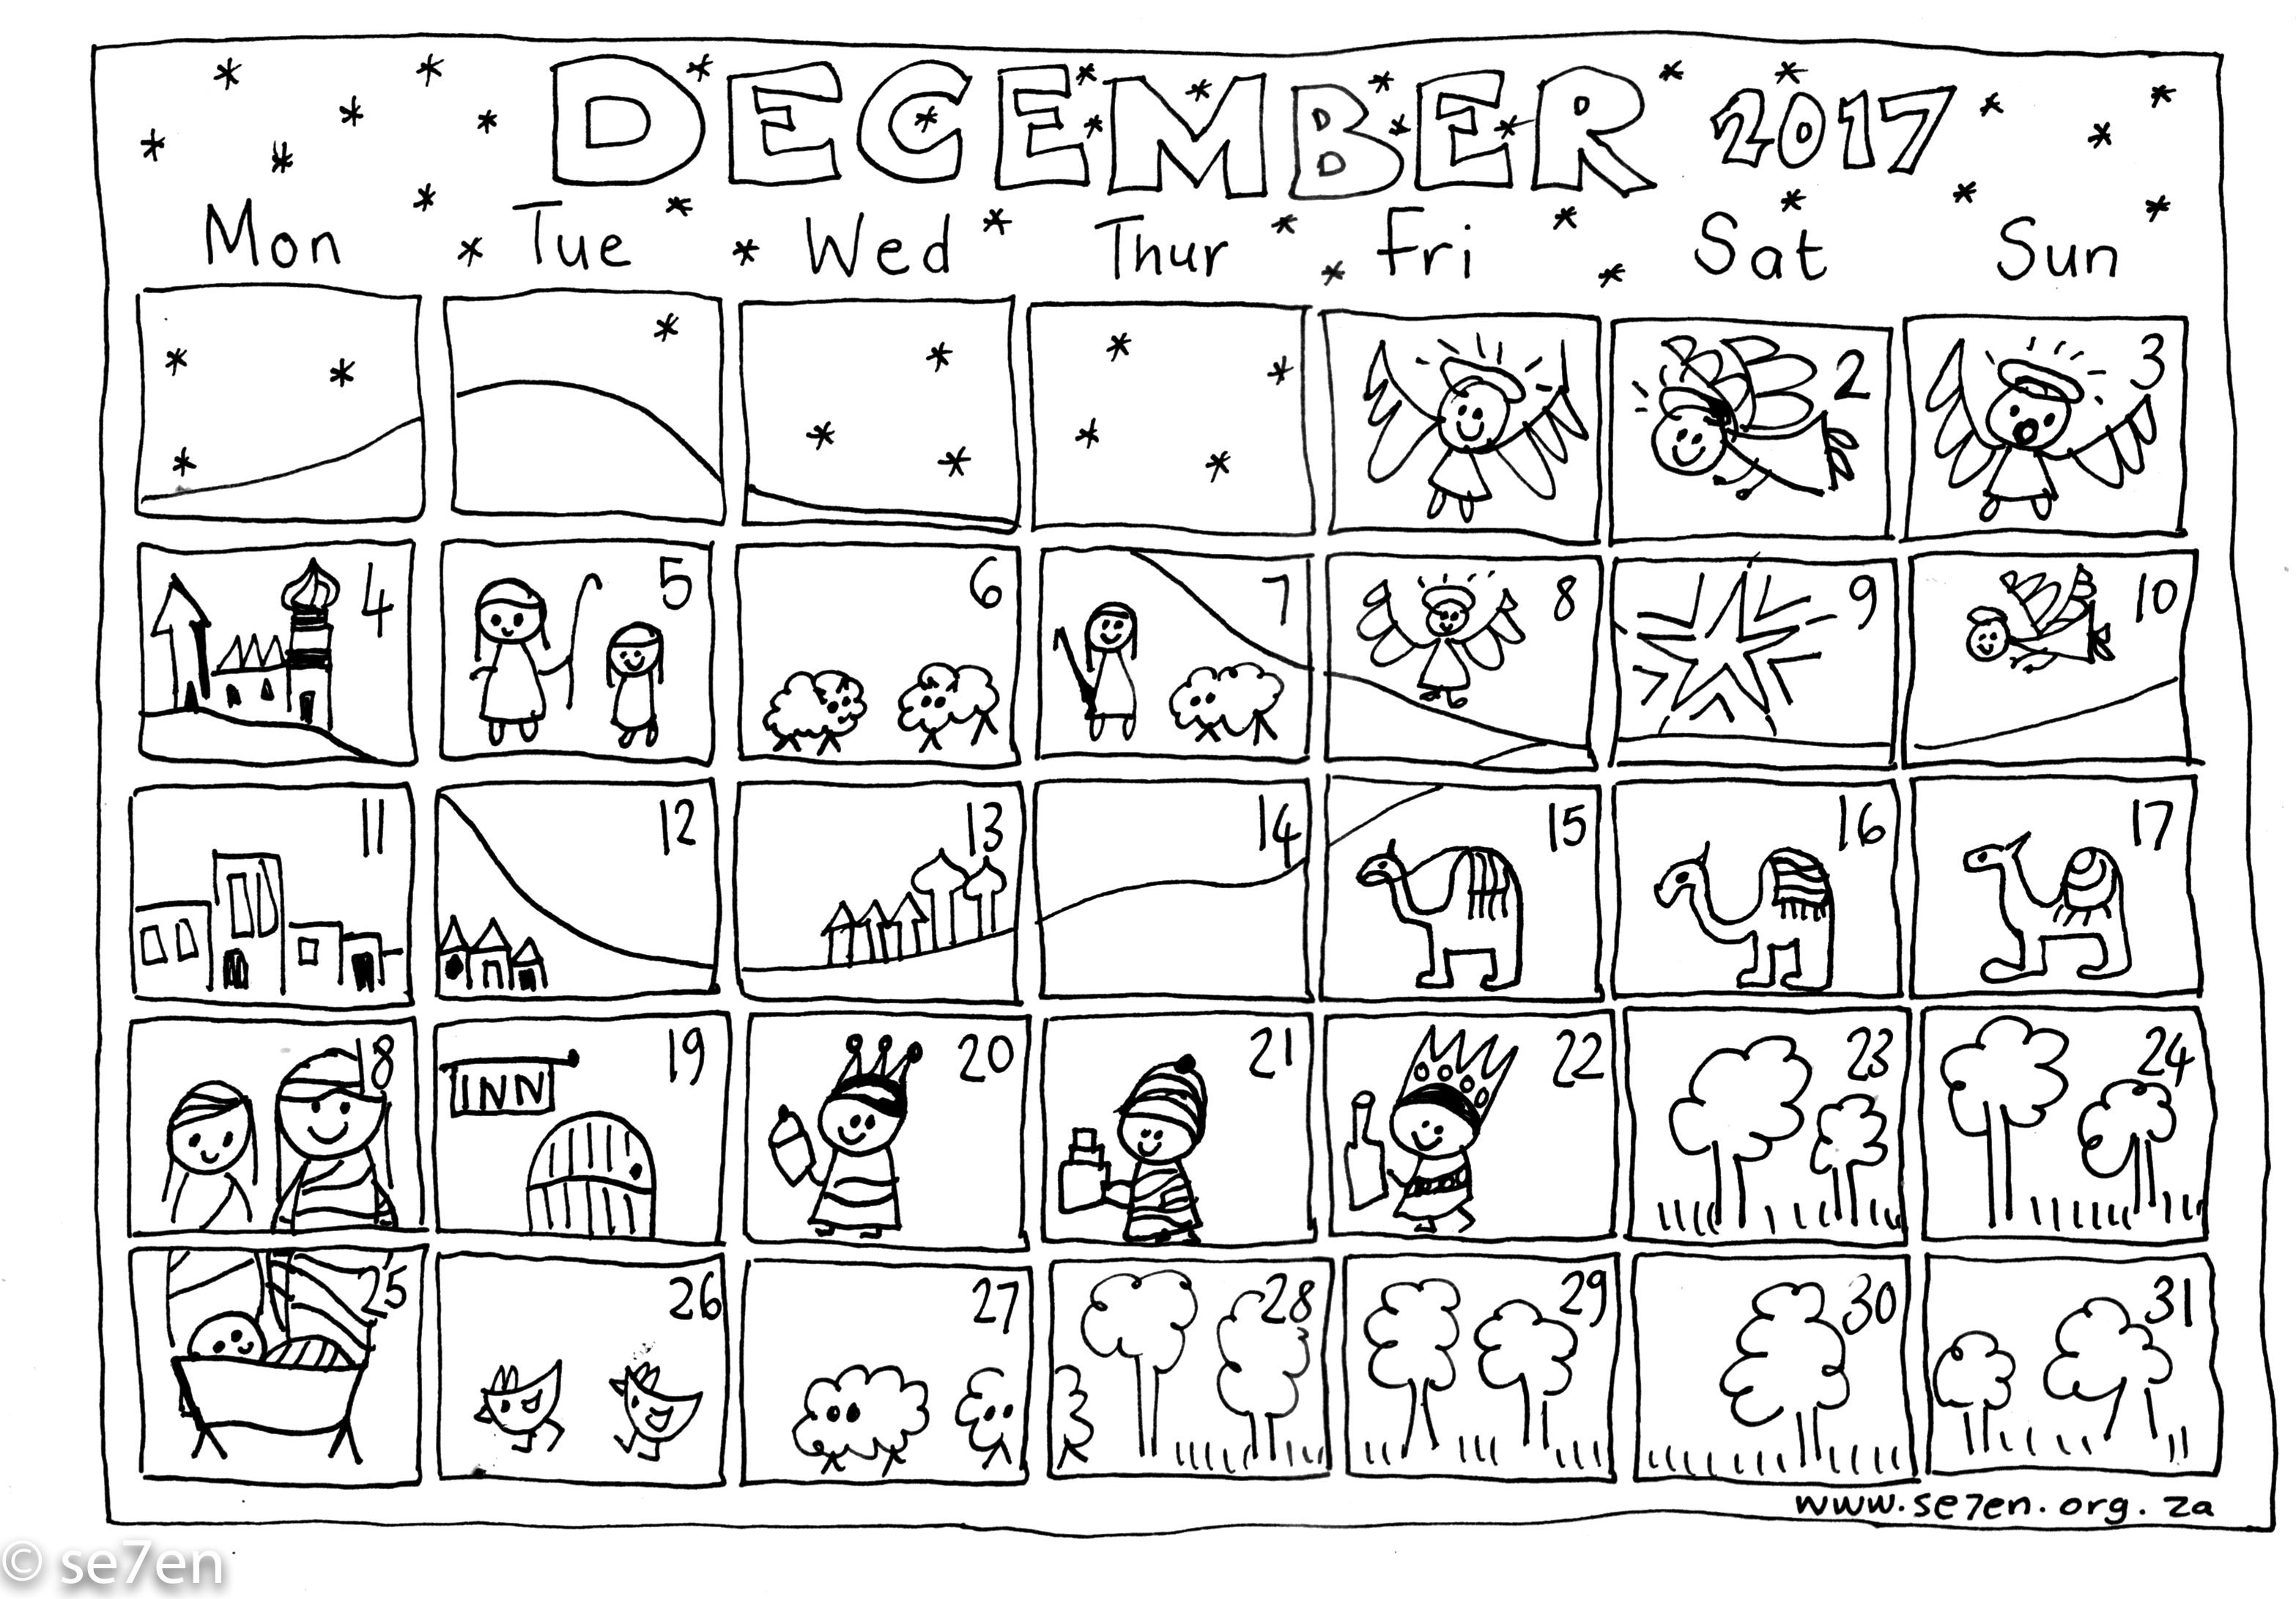 se7en-01-Dec-17-December 2017002-2.jpg